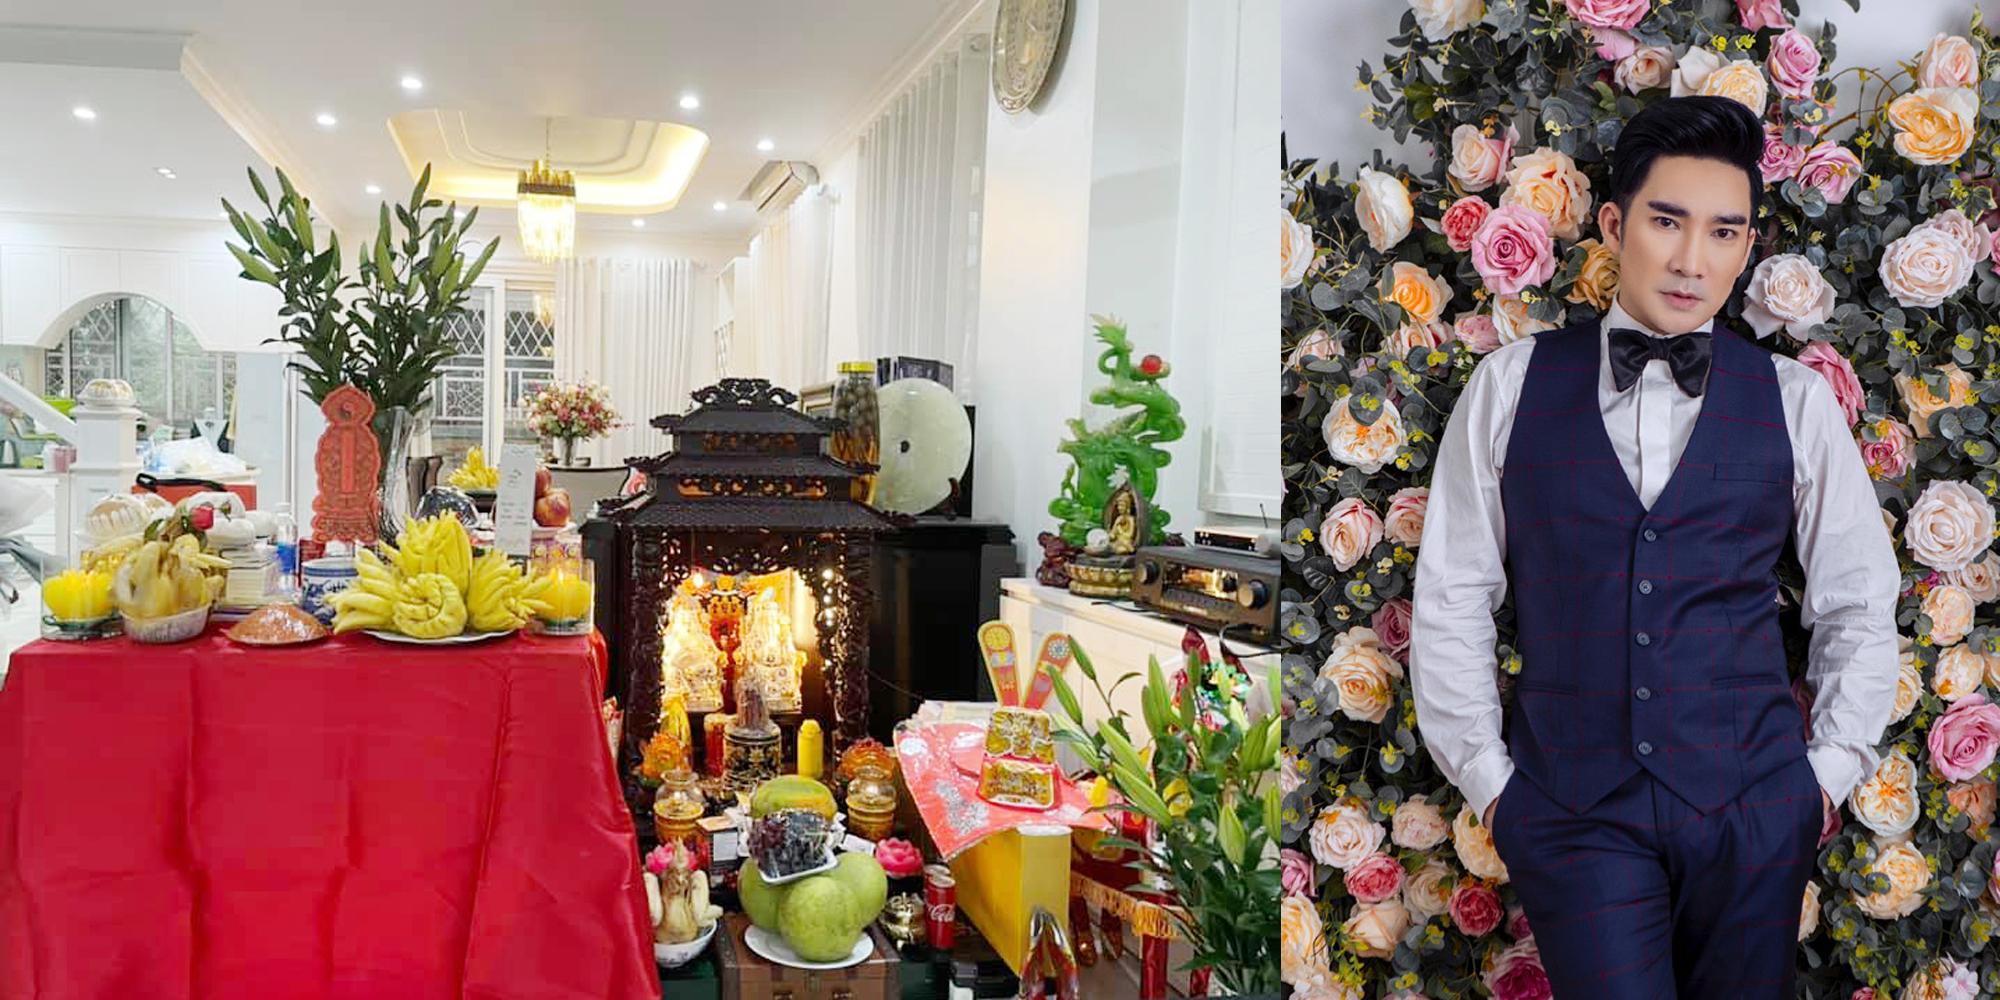 Ca sĩ Quang Hà nói thường năm nhân dịp giỗ Tổ nghề anh thường dành 2 ngày